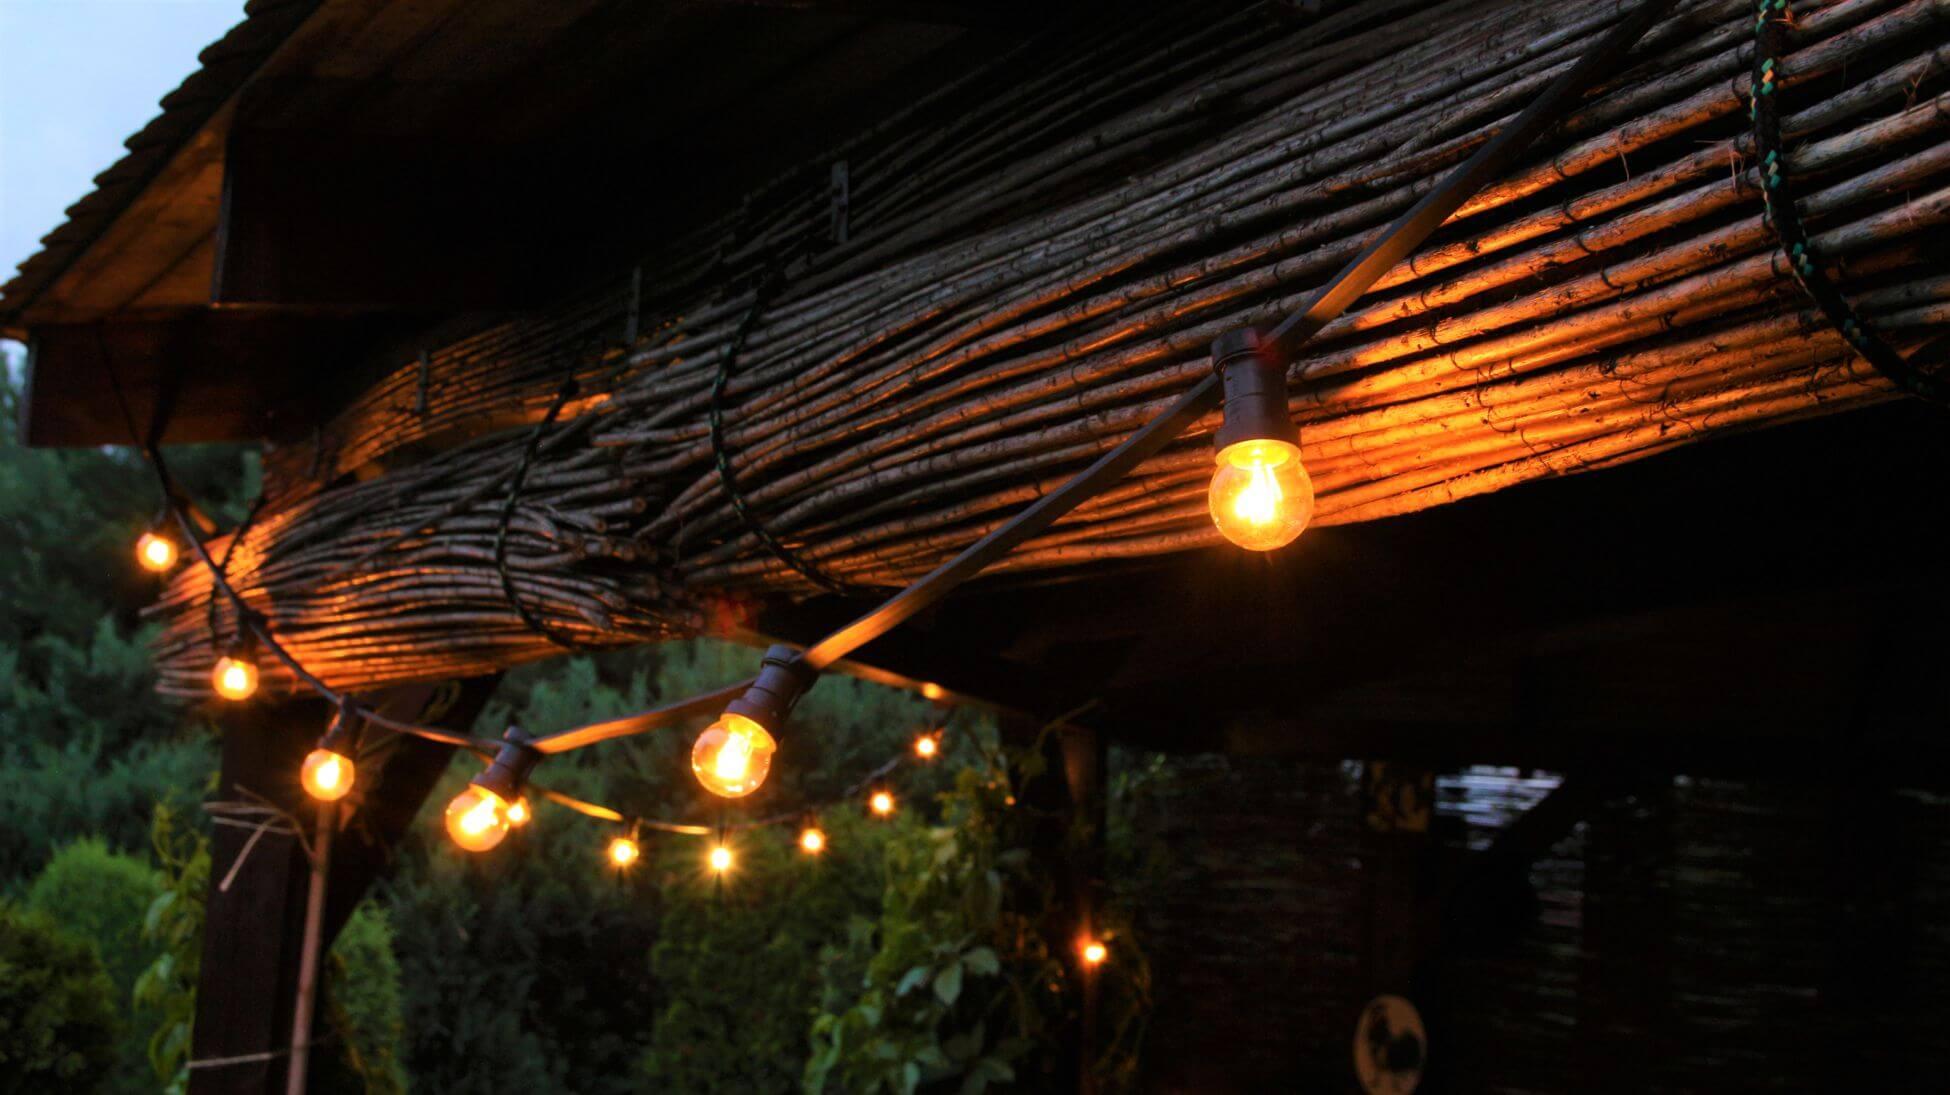 girlanda świetlna nazywana również girlanda ogrodowa doskonale sprwadza się jako oświetlenie altany ogródka piwnego czy imprezy plenerowej